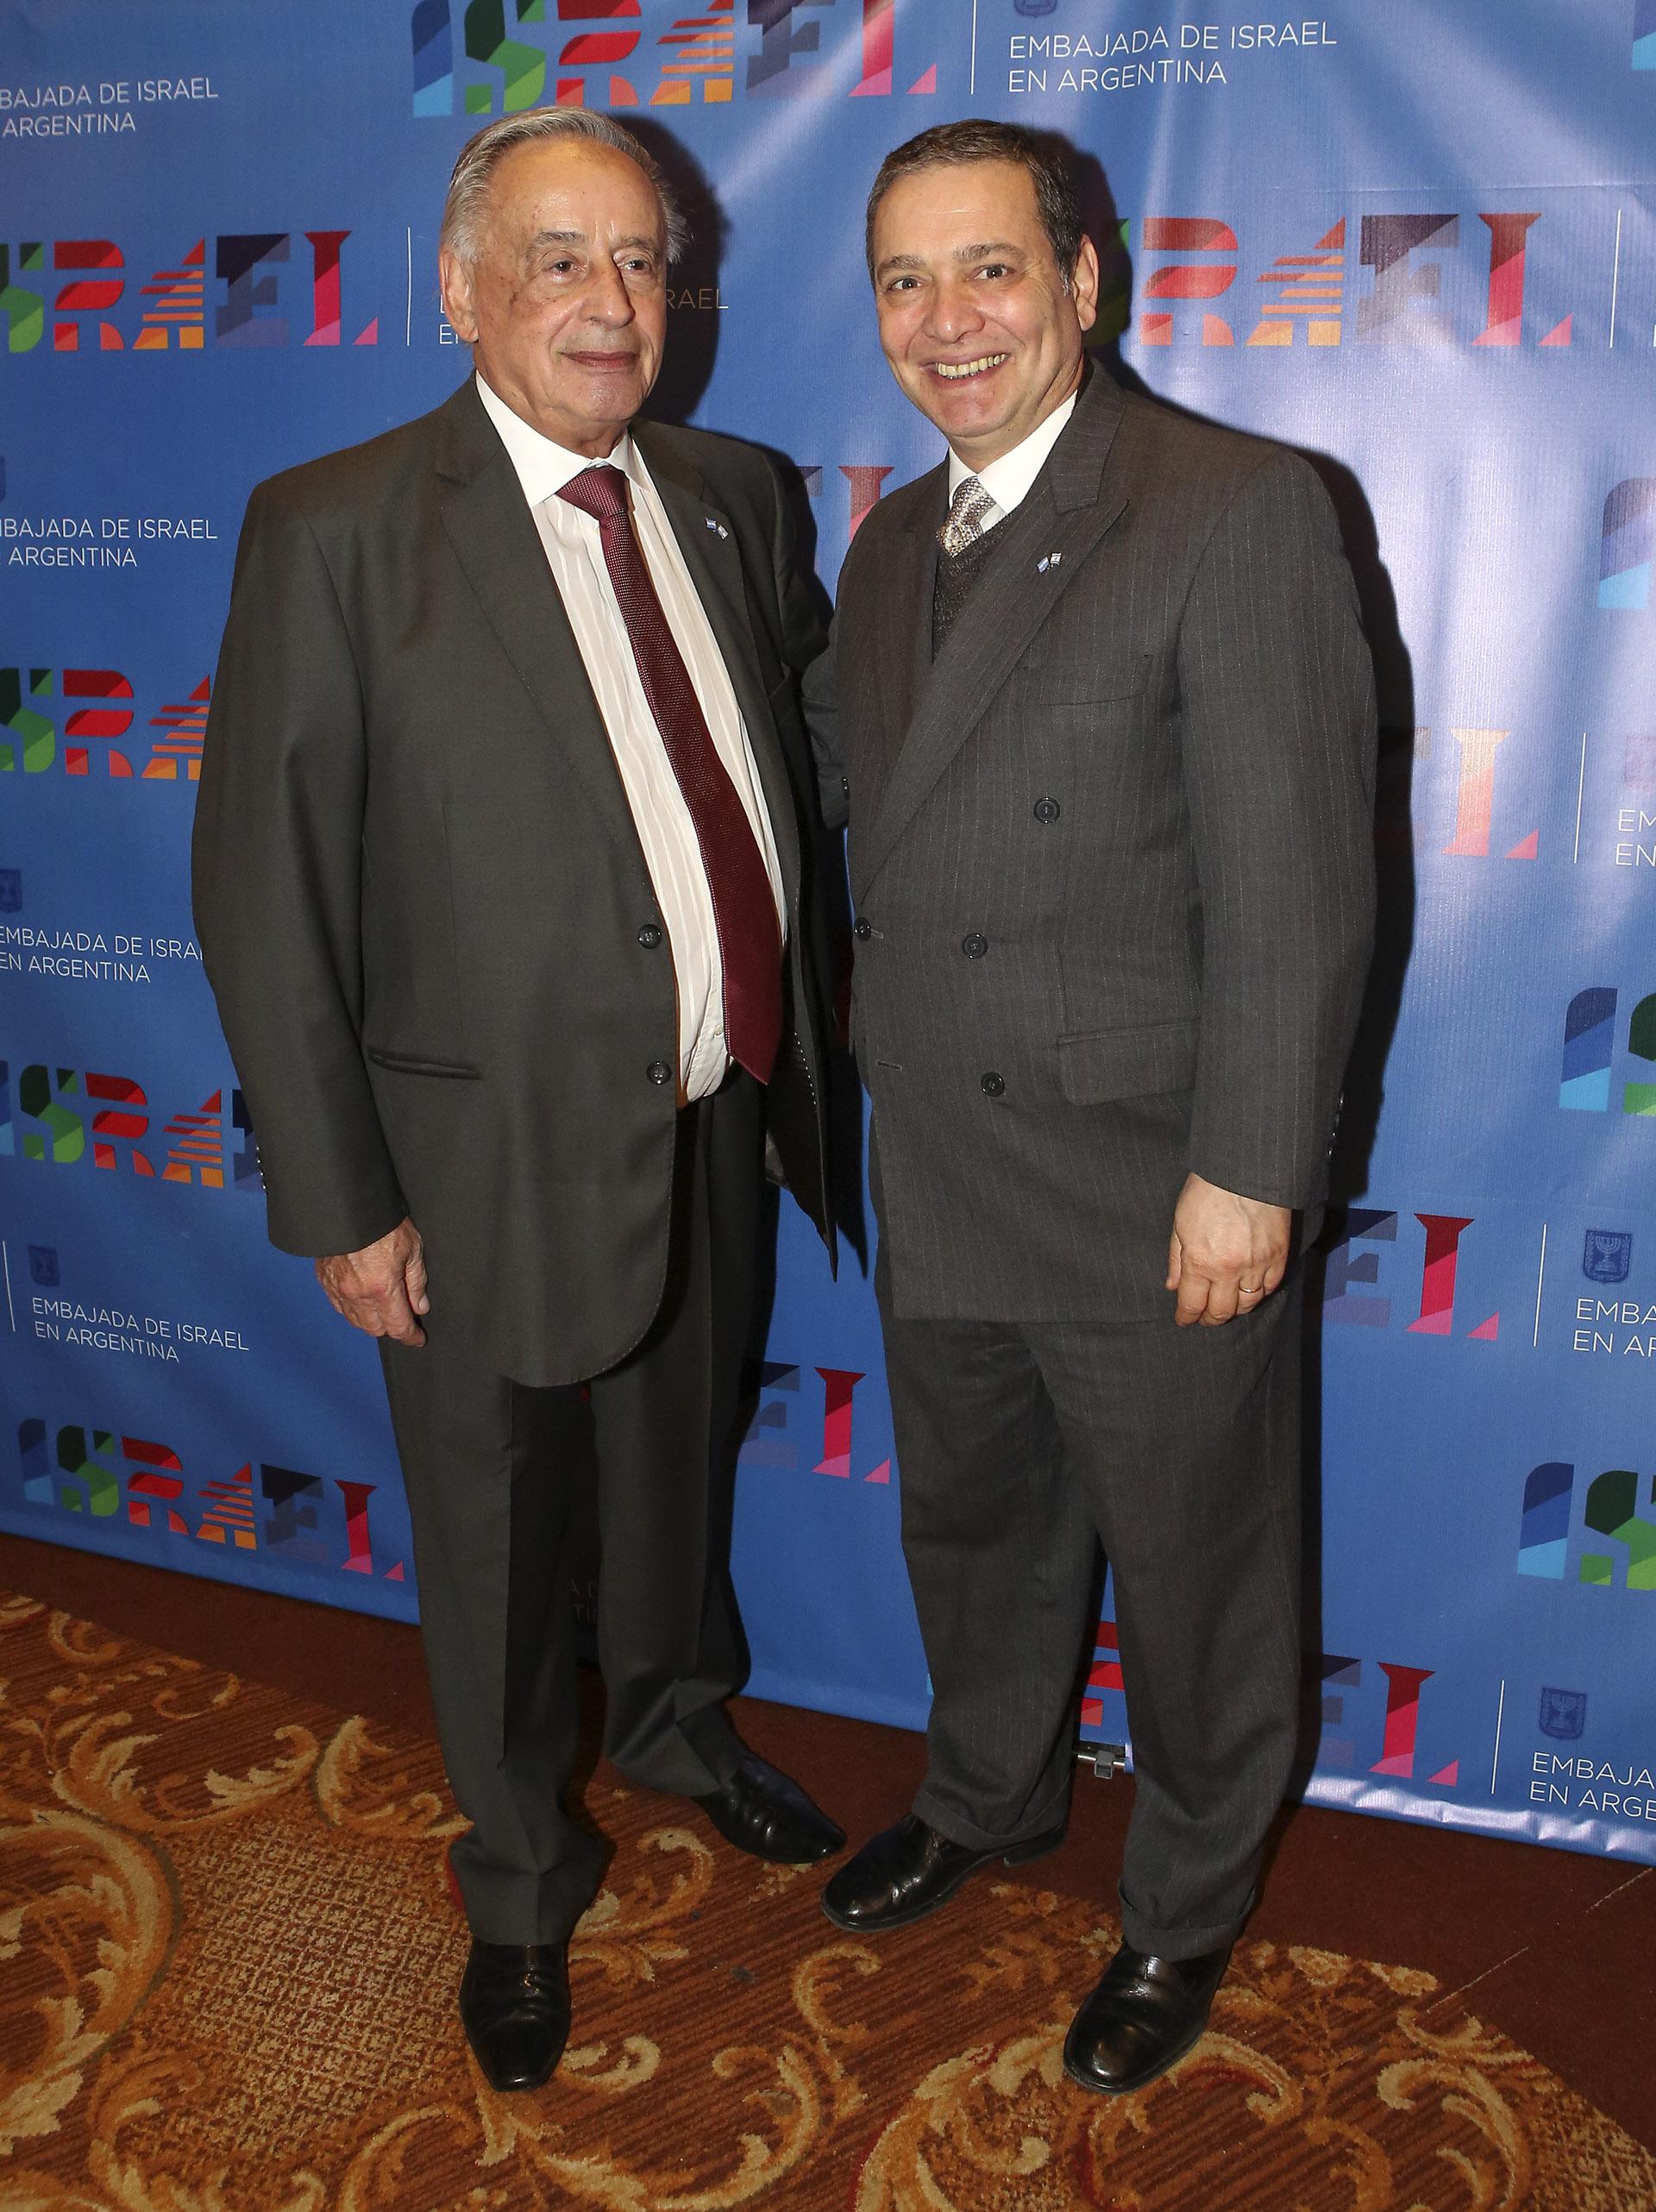 Israel Imae, abogado de la embajada de Israel, y el juez Marcelo Aguinsky